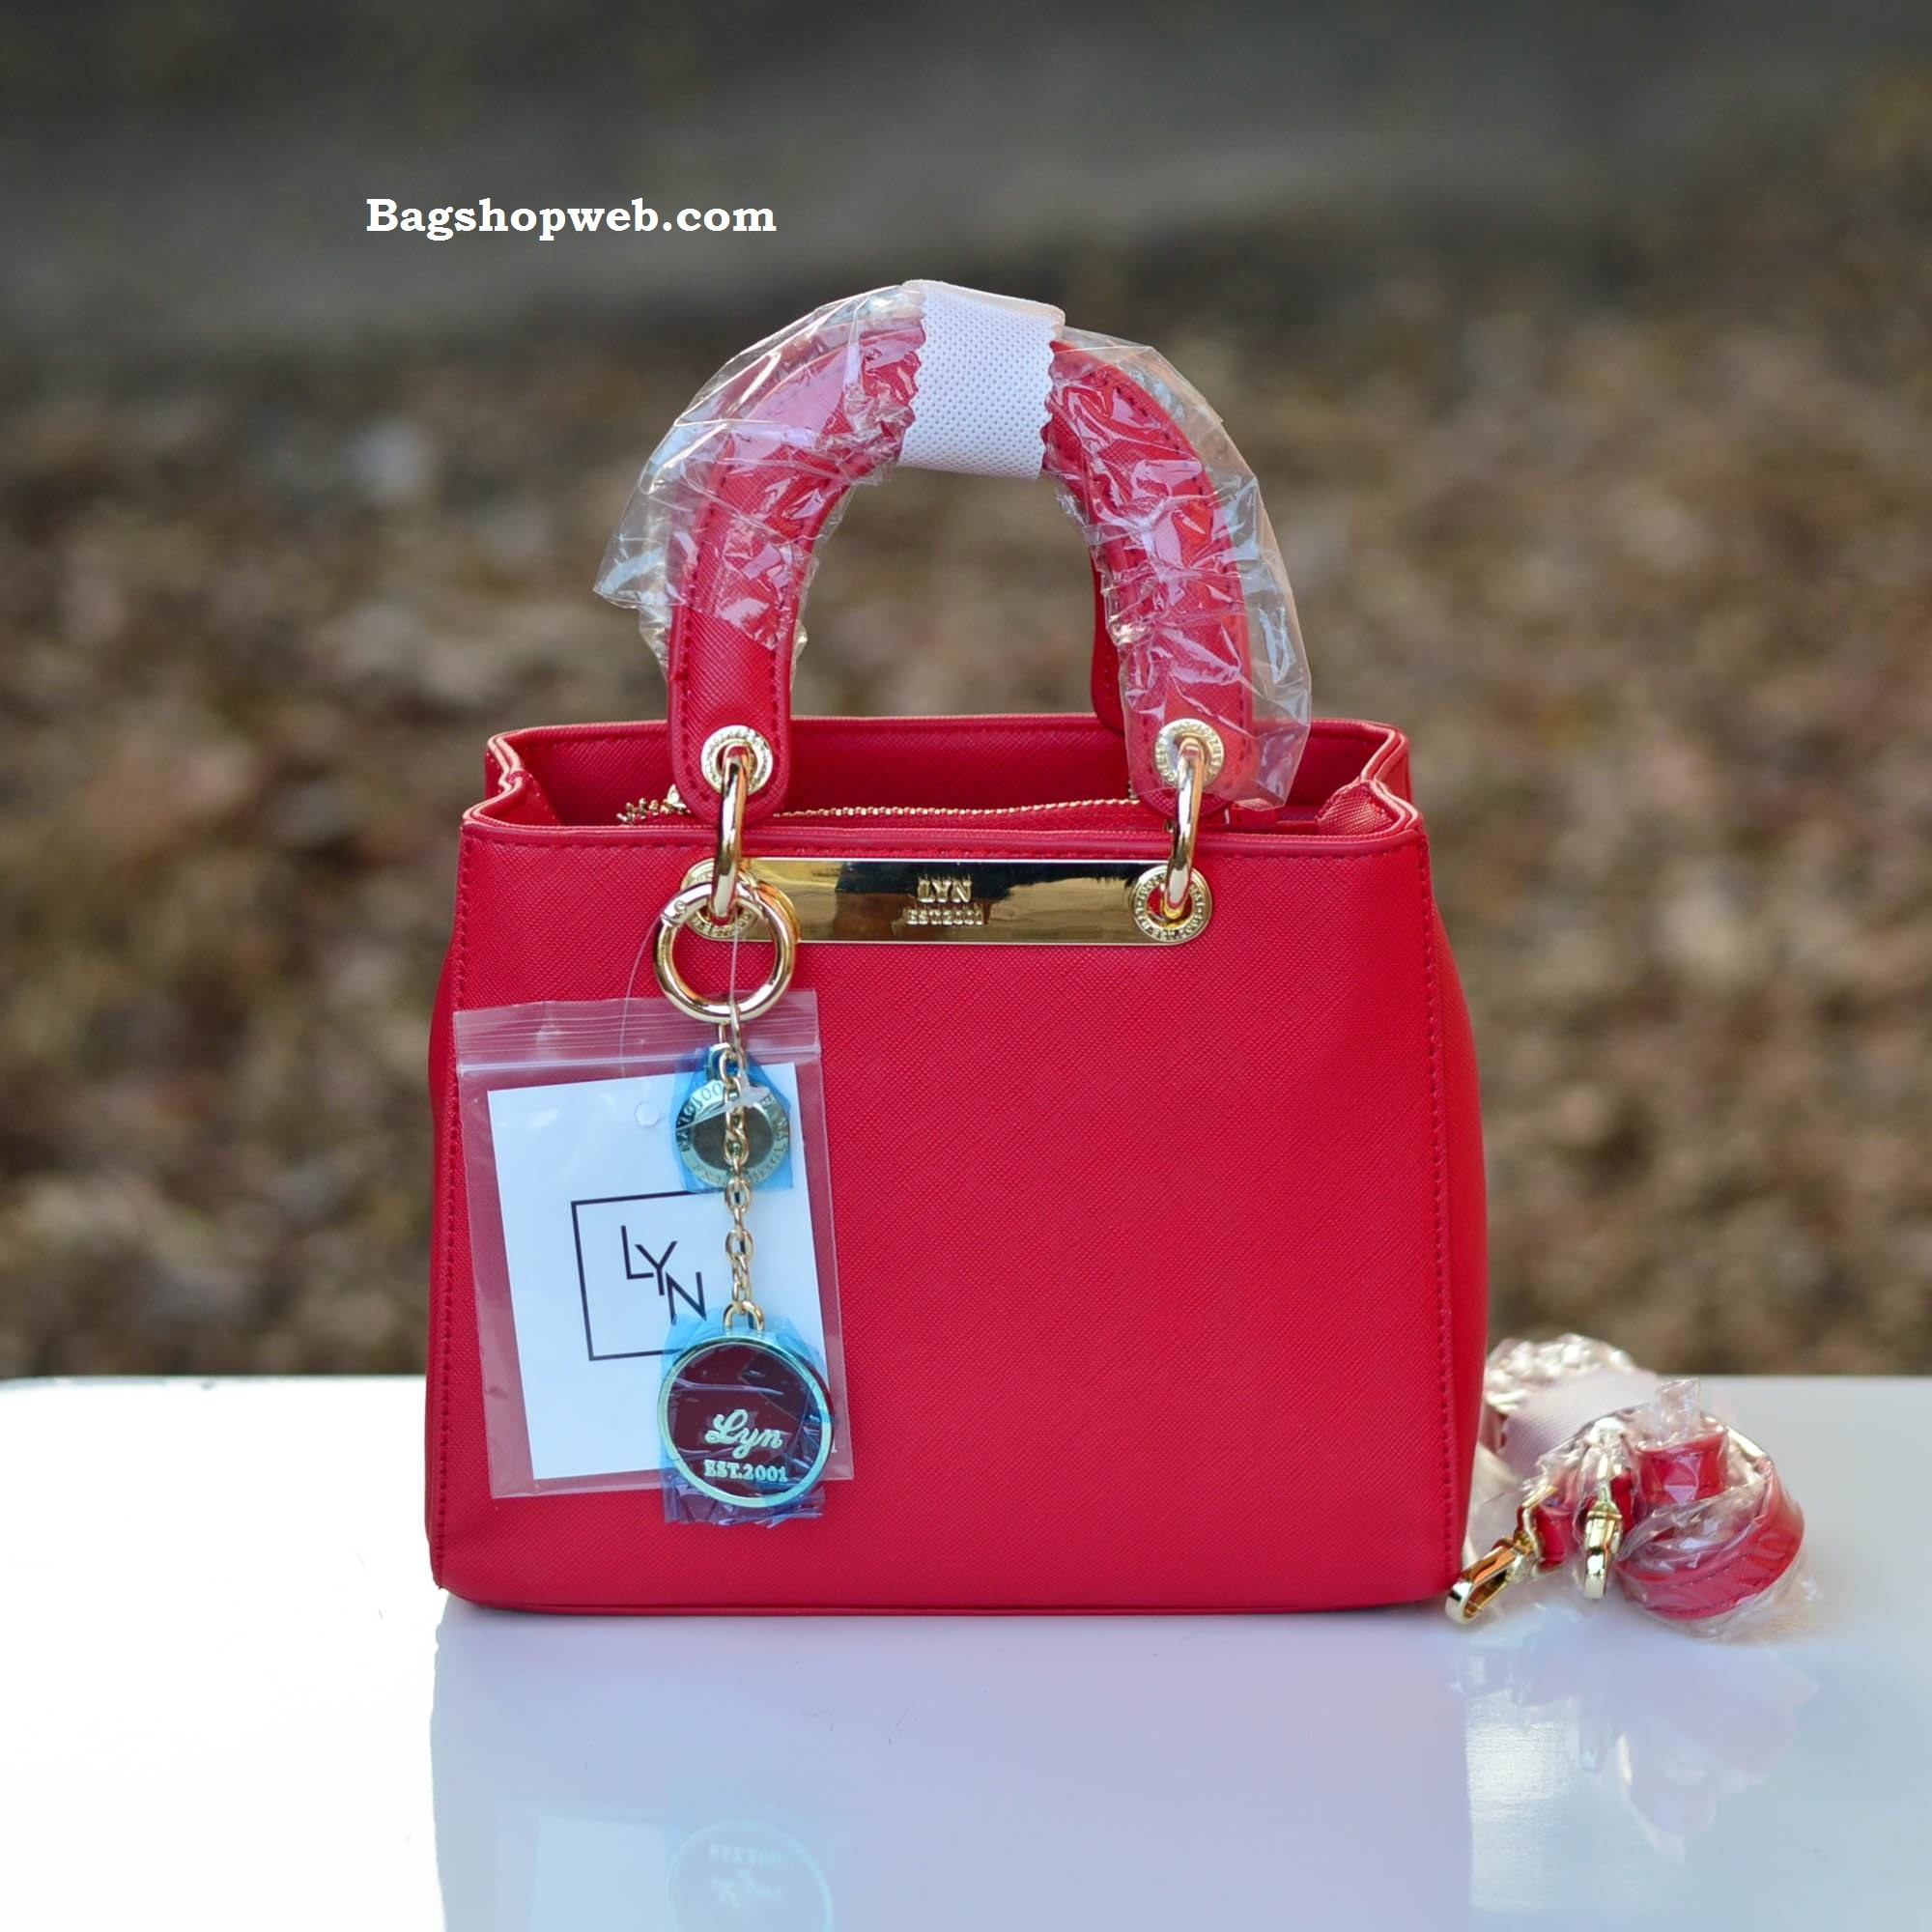 กระเป๋า LYN Tiara Xs พร้อมส่งค่ะ ราคา 1,490 บาทส่ง Ems Free